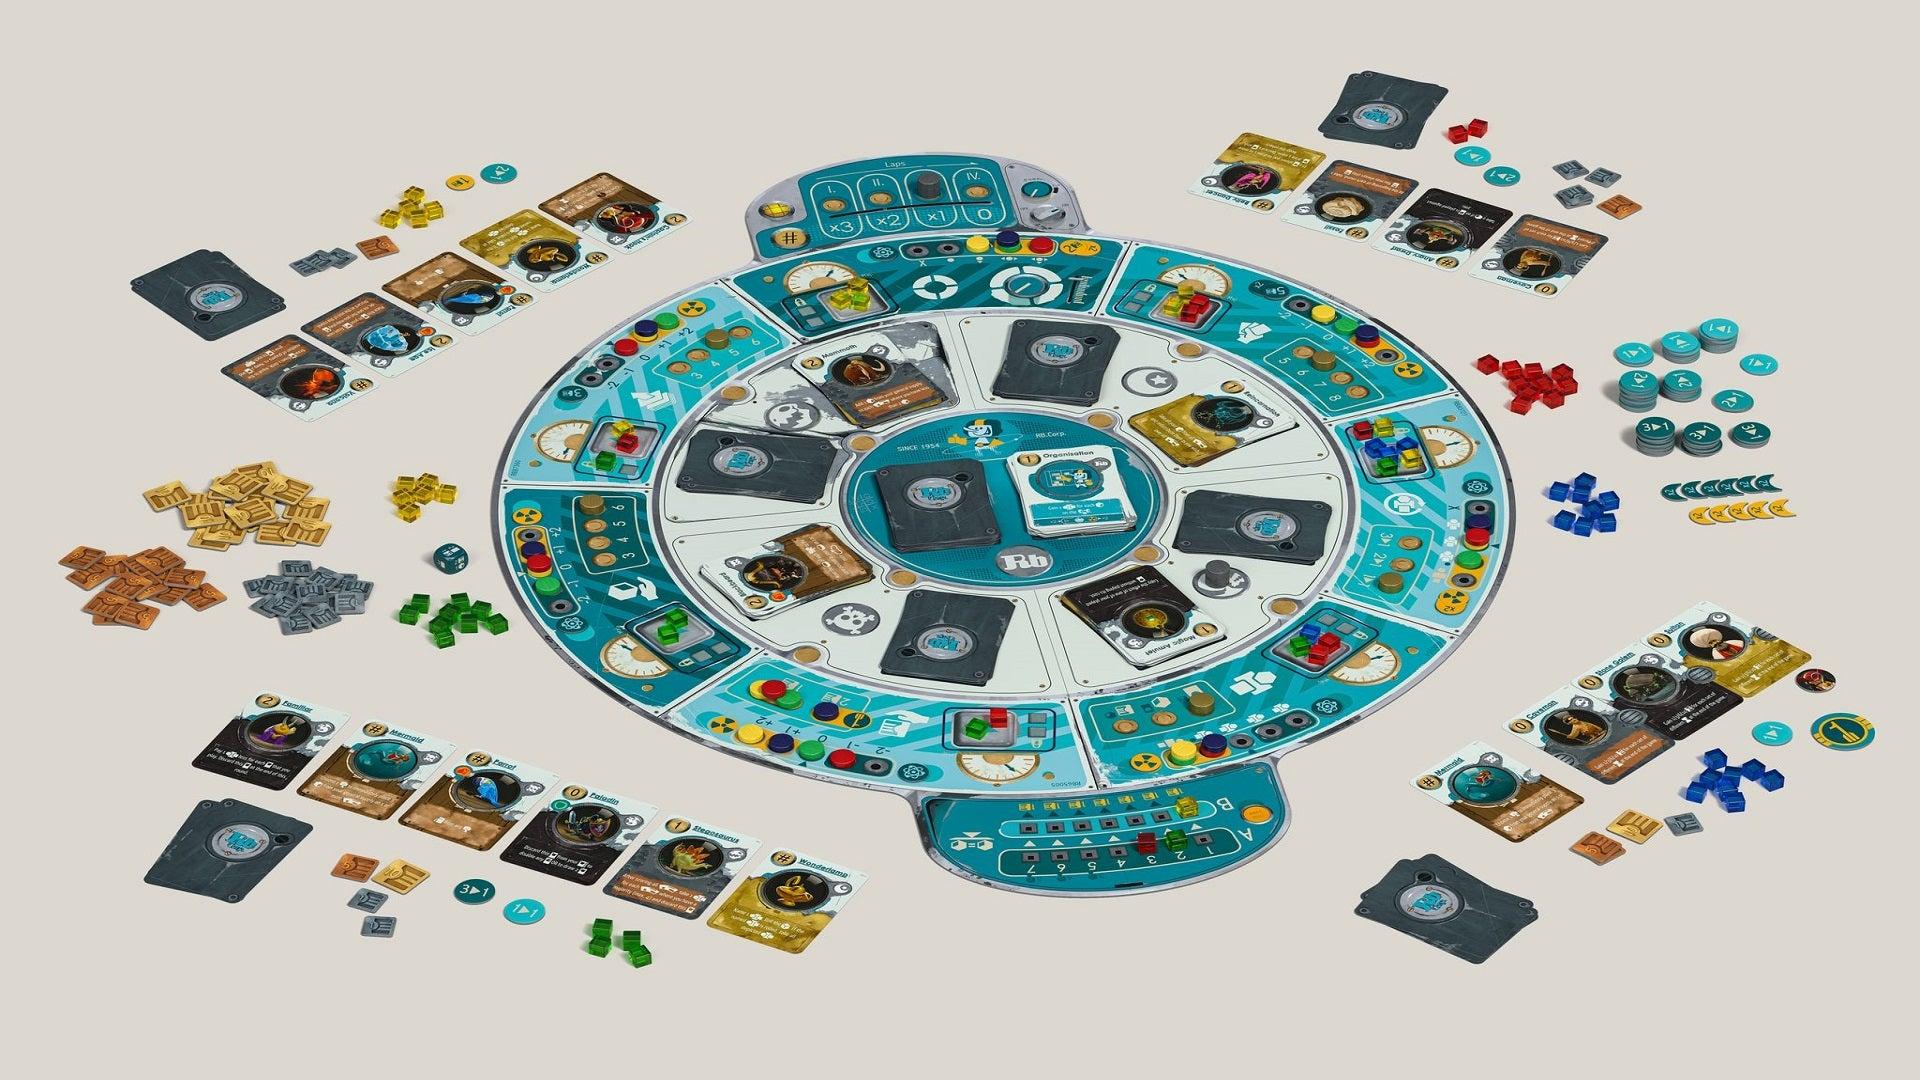 rulebenders-board-game-setup.jpg